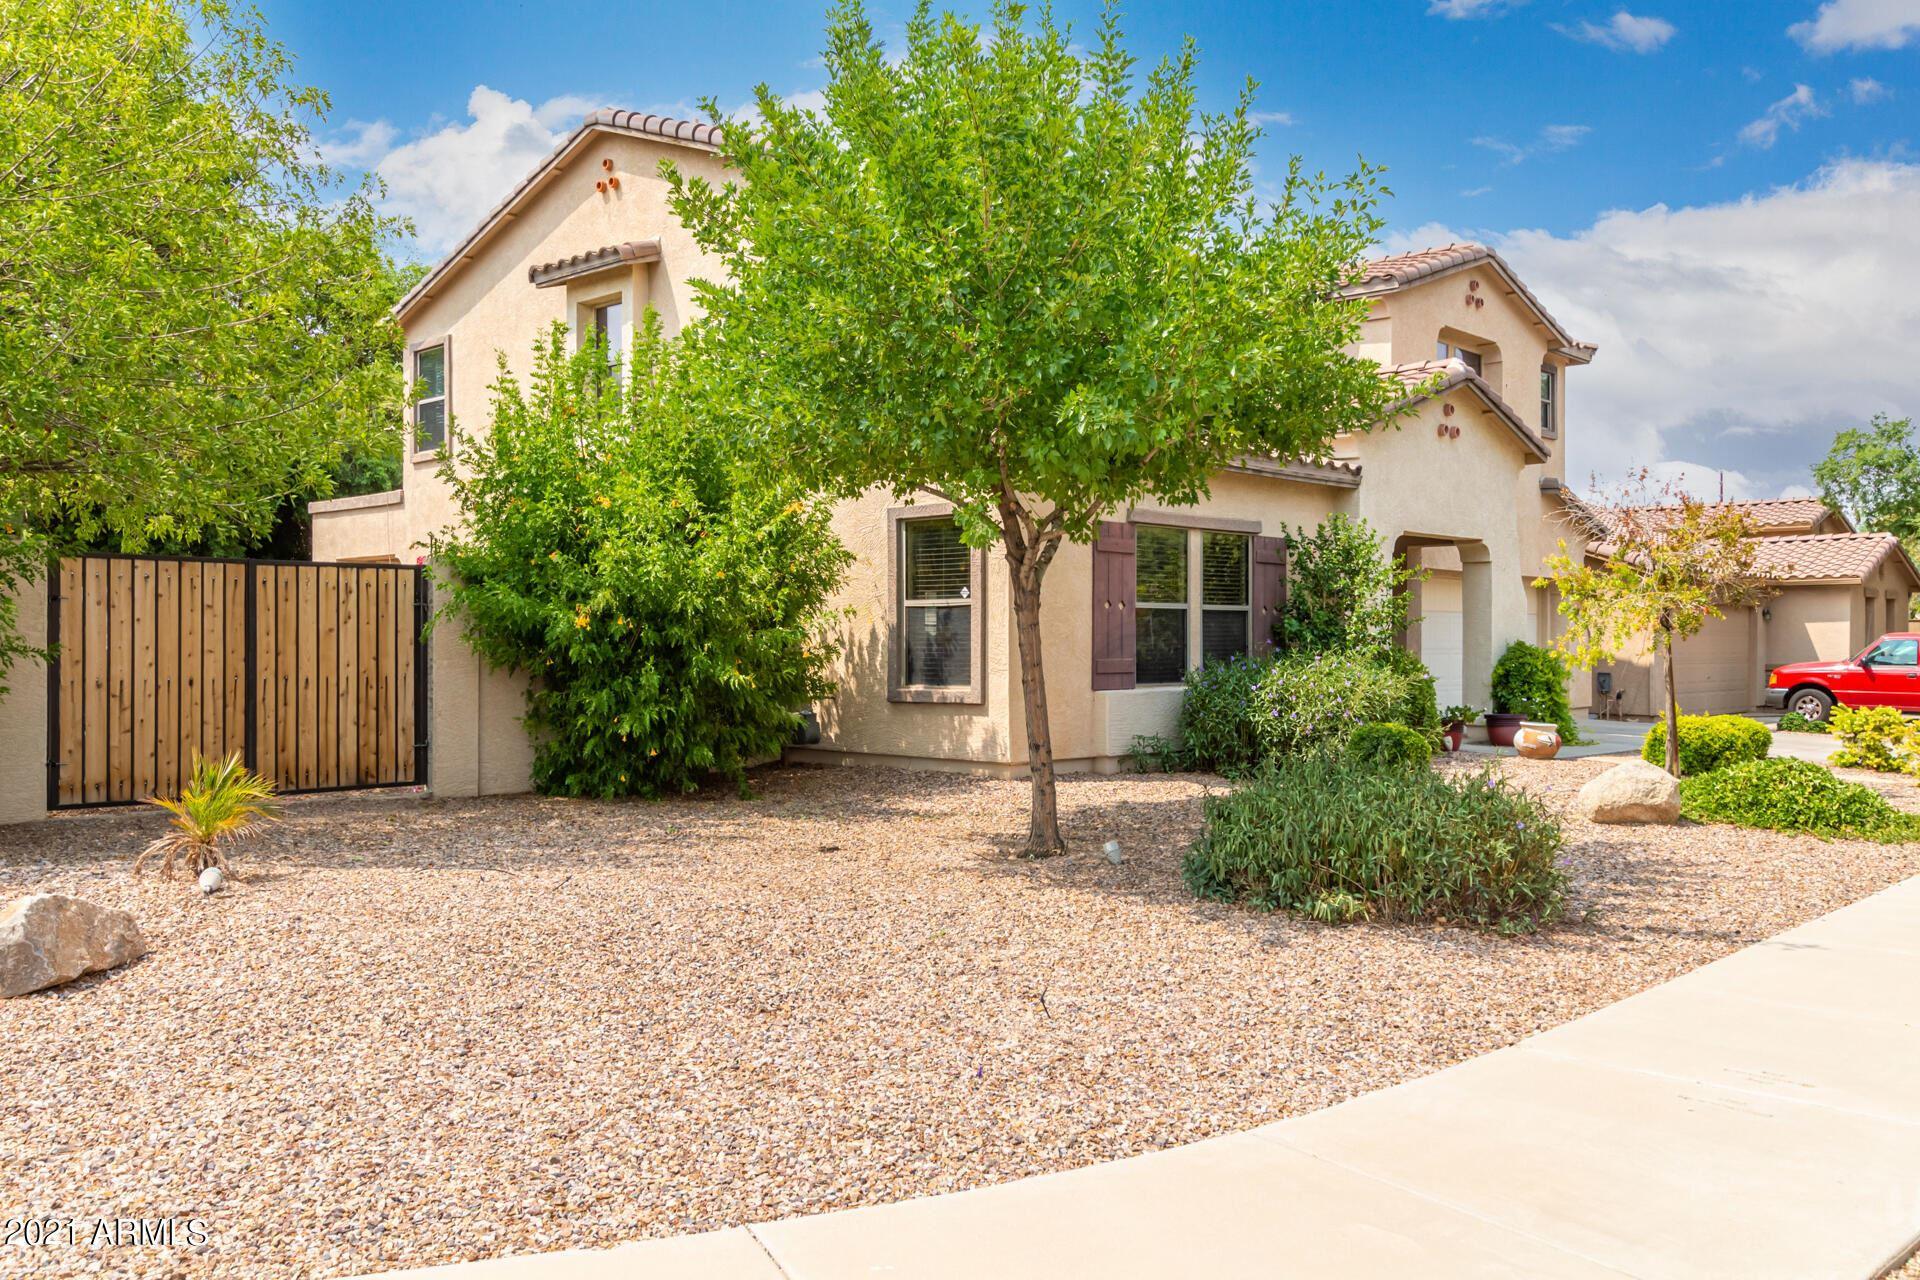 Photo of 19860 S 198th Street, Queen Creek, AZ 85142 (MLS # 6268883)